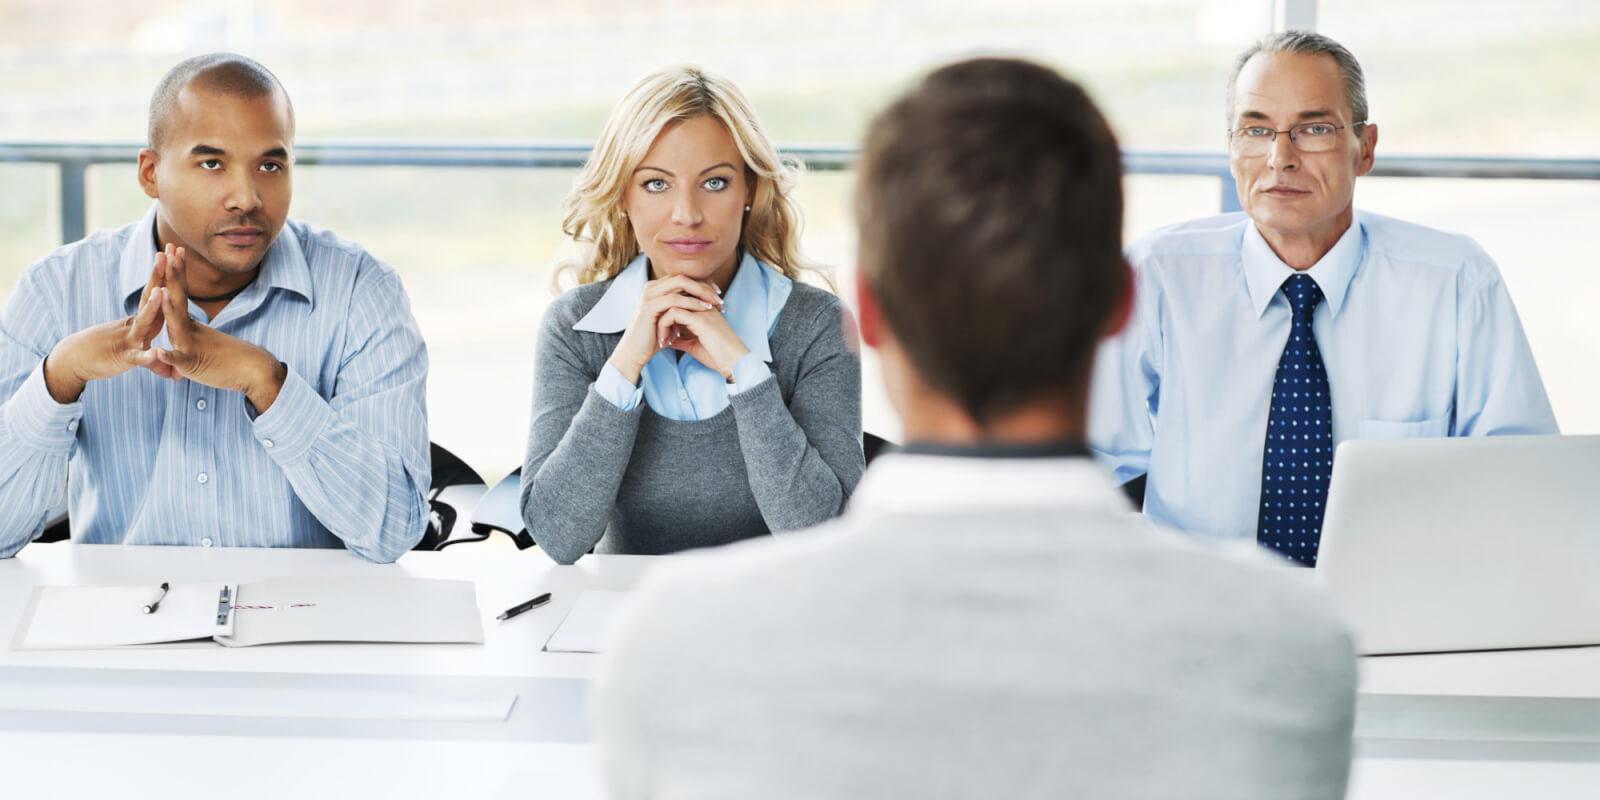 Как отказаться от работы после собеседования: алгоритм действий